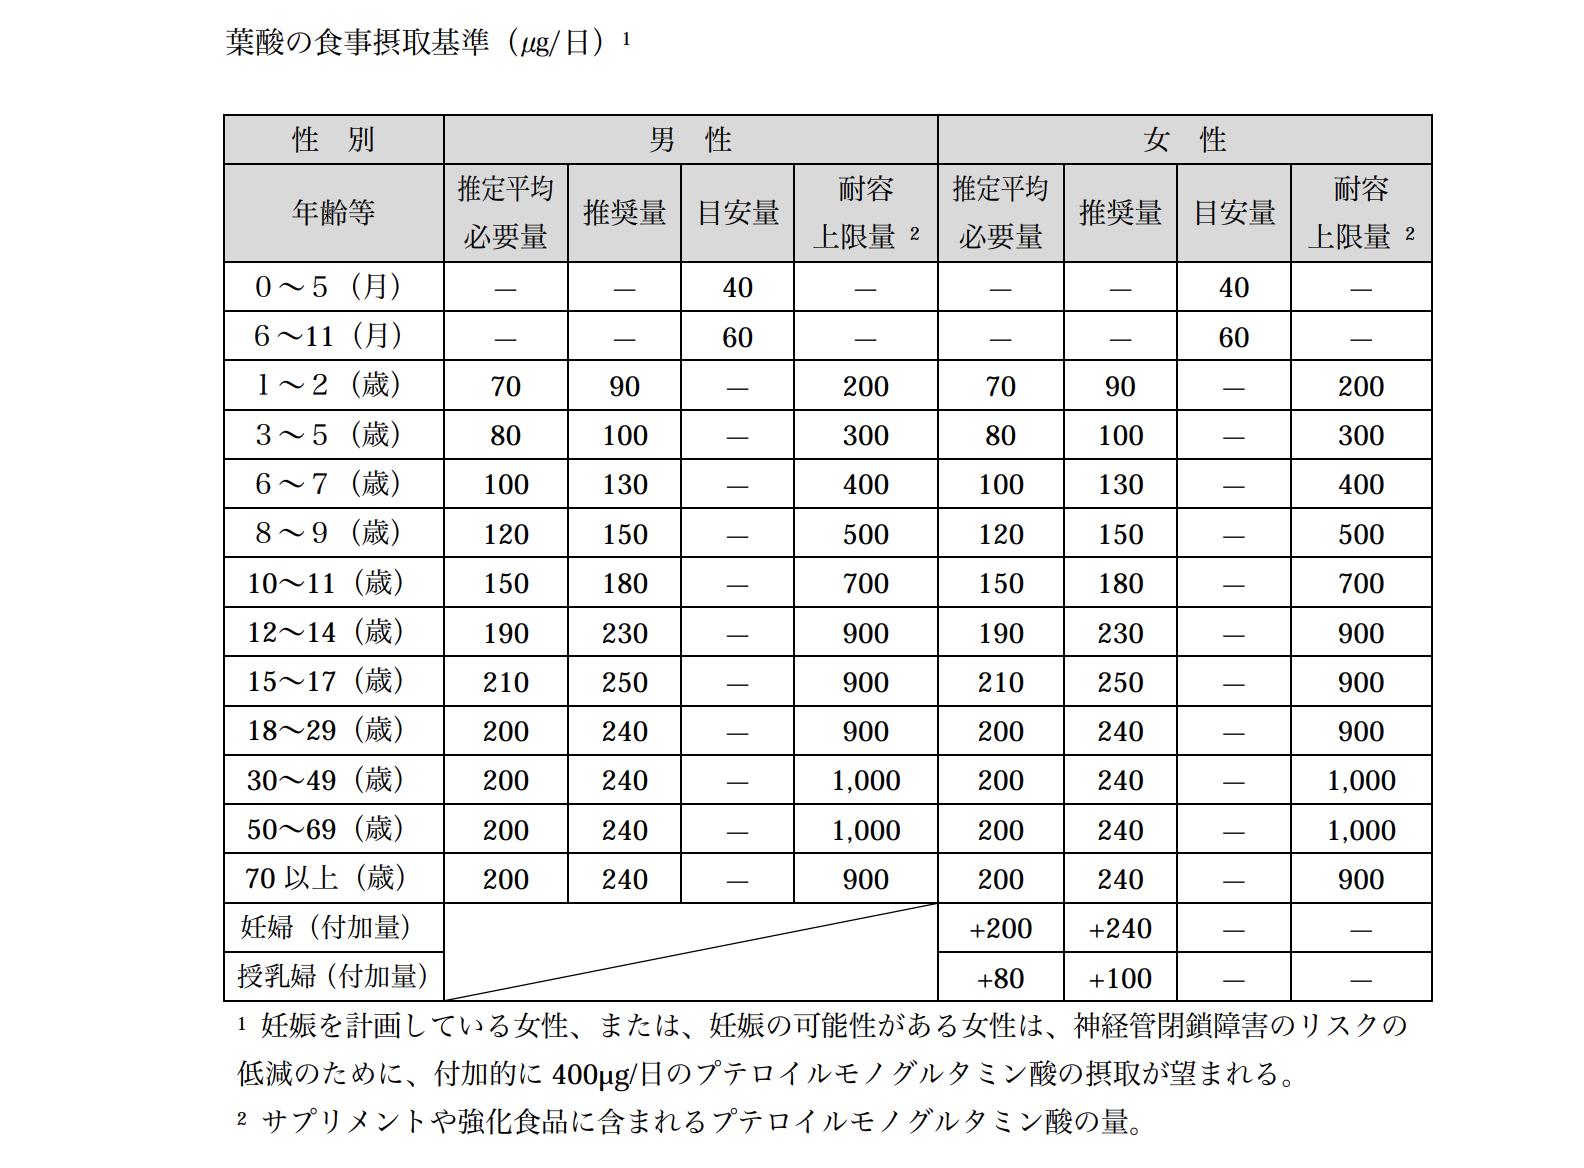 厚生労働省が公開している日本人の食事摂取基準(2015 年版)の概要:葉酸